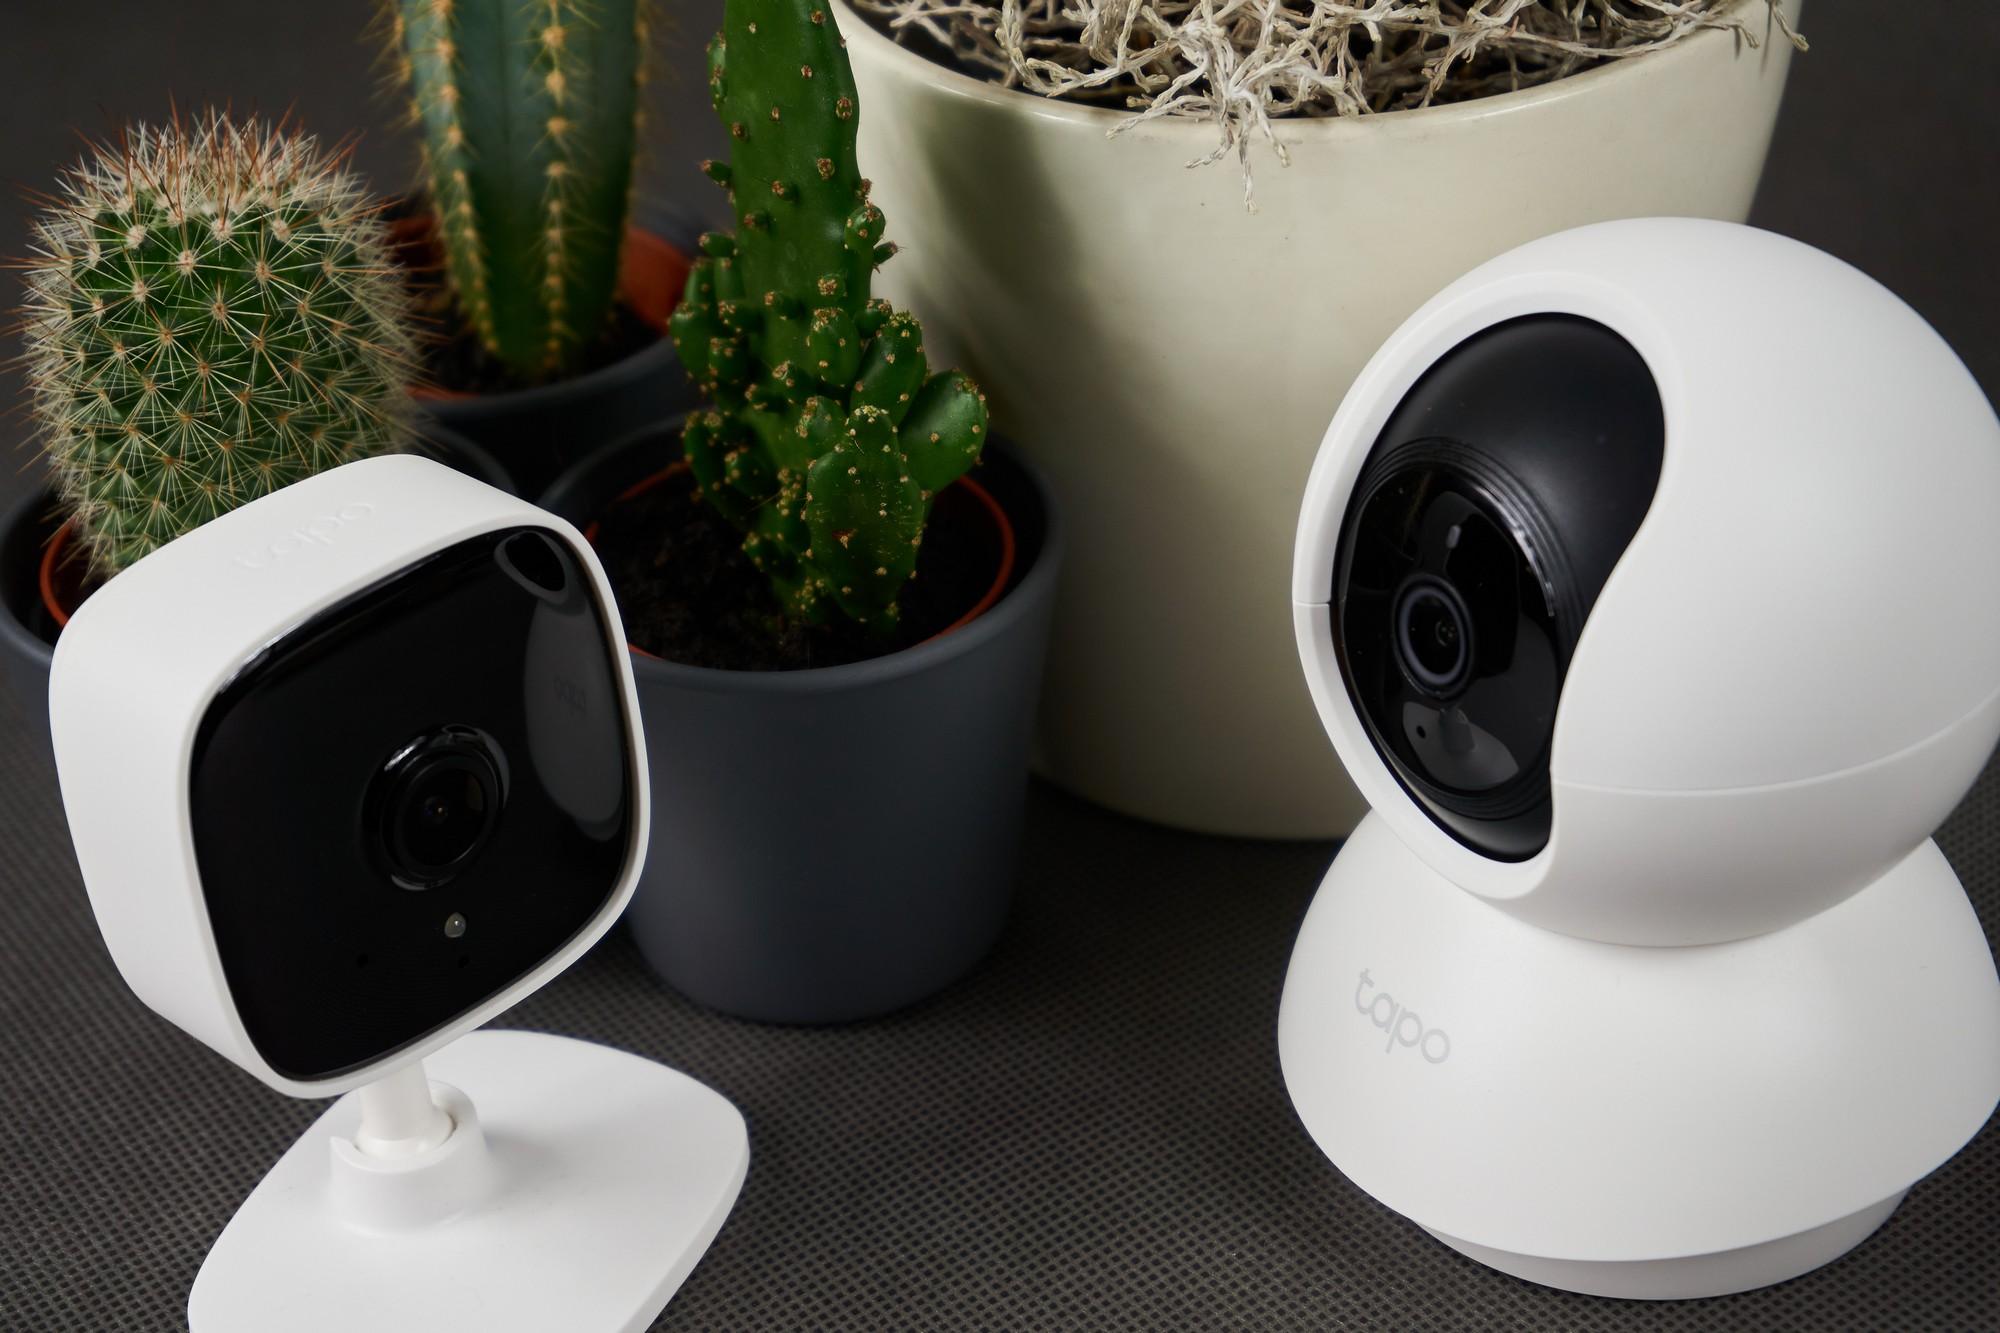 Po co w domu monitoring? Praktyczny użytek z domowej kamery 23